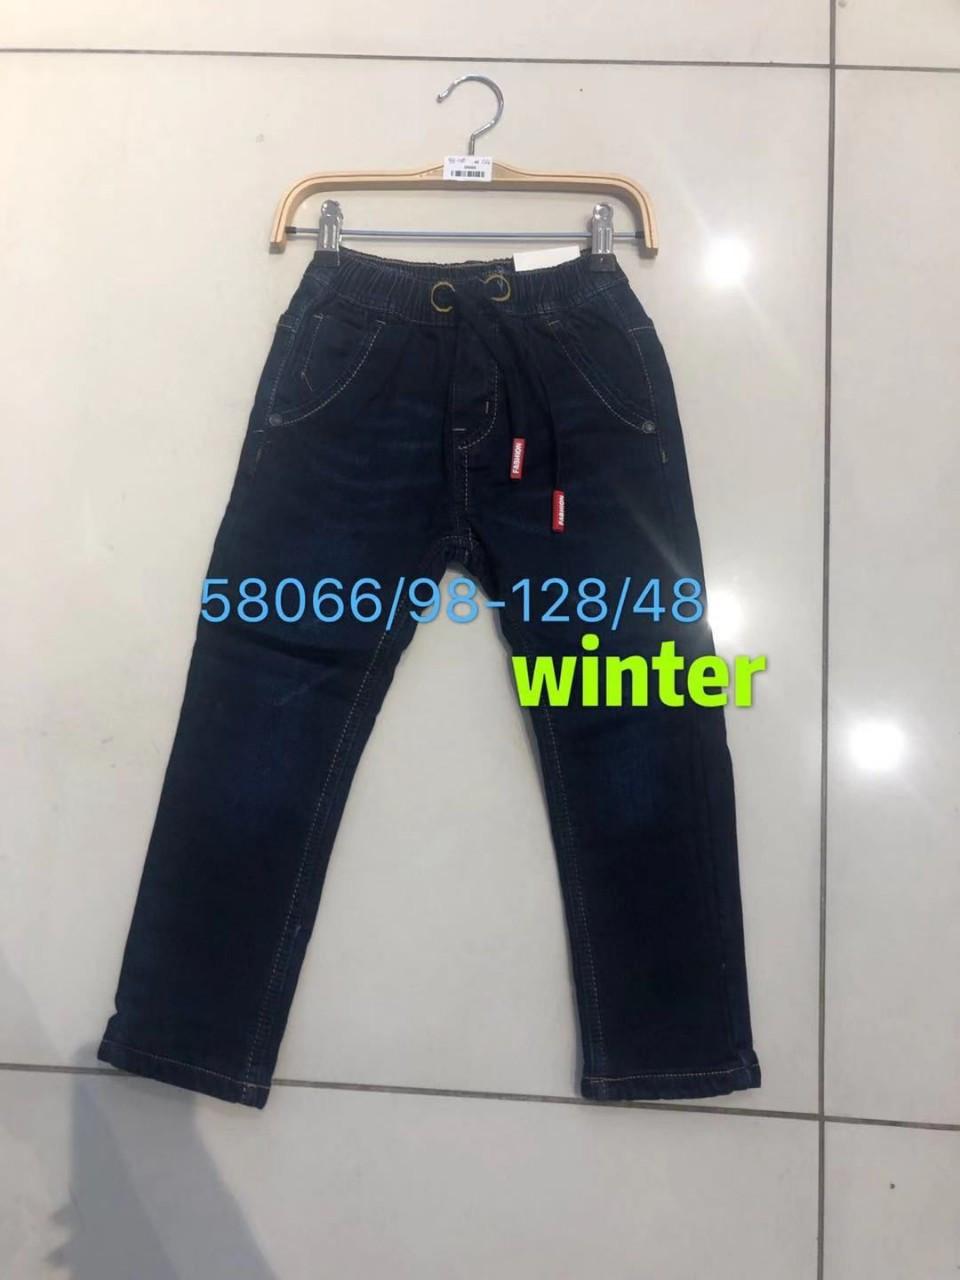 Утепленные джинсы  для мальчиков опт, Seagull, размеры 98-128 см,  арт.CSQ-58066